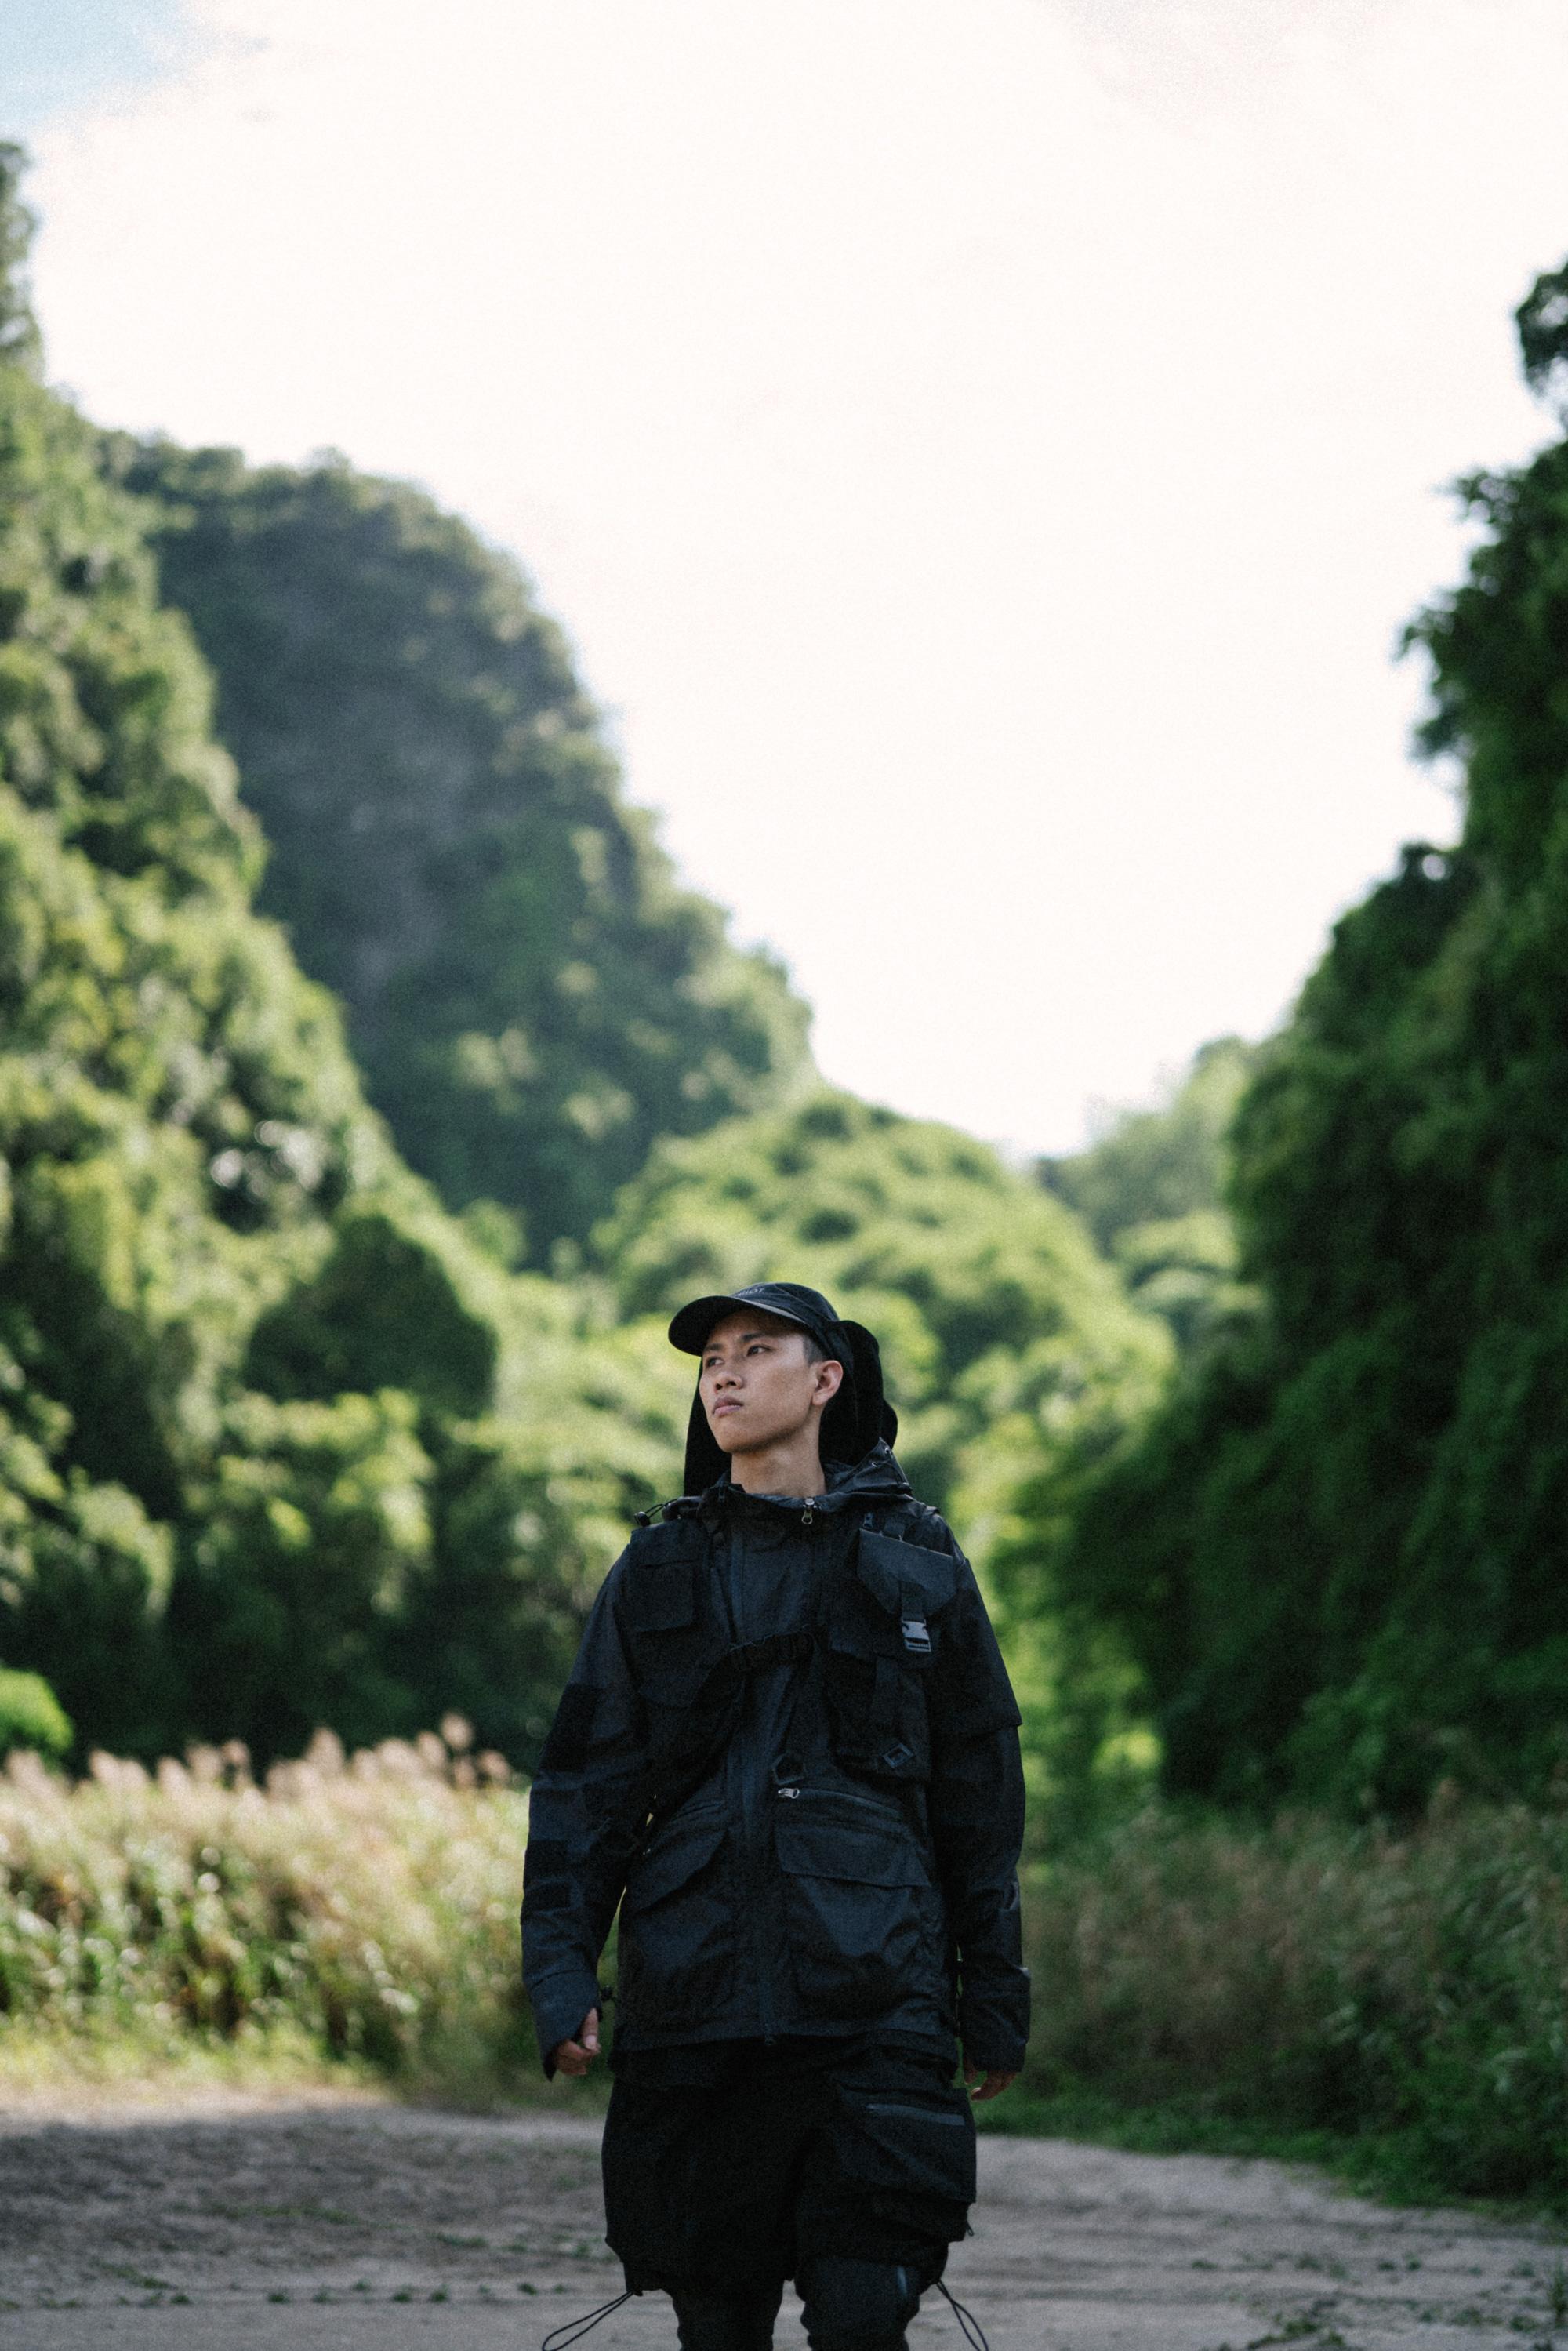 DJ Hoaprox - Người thích ước mơ - Ảnh 1.